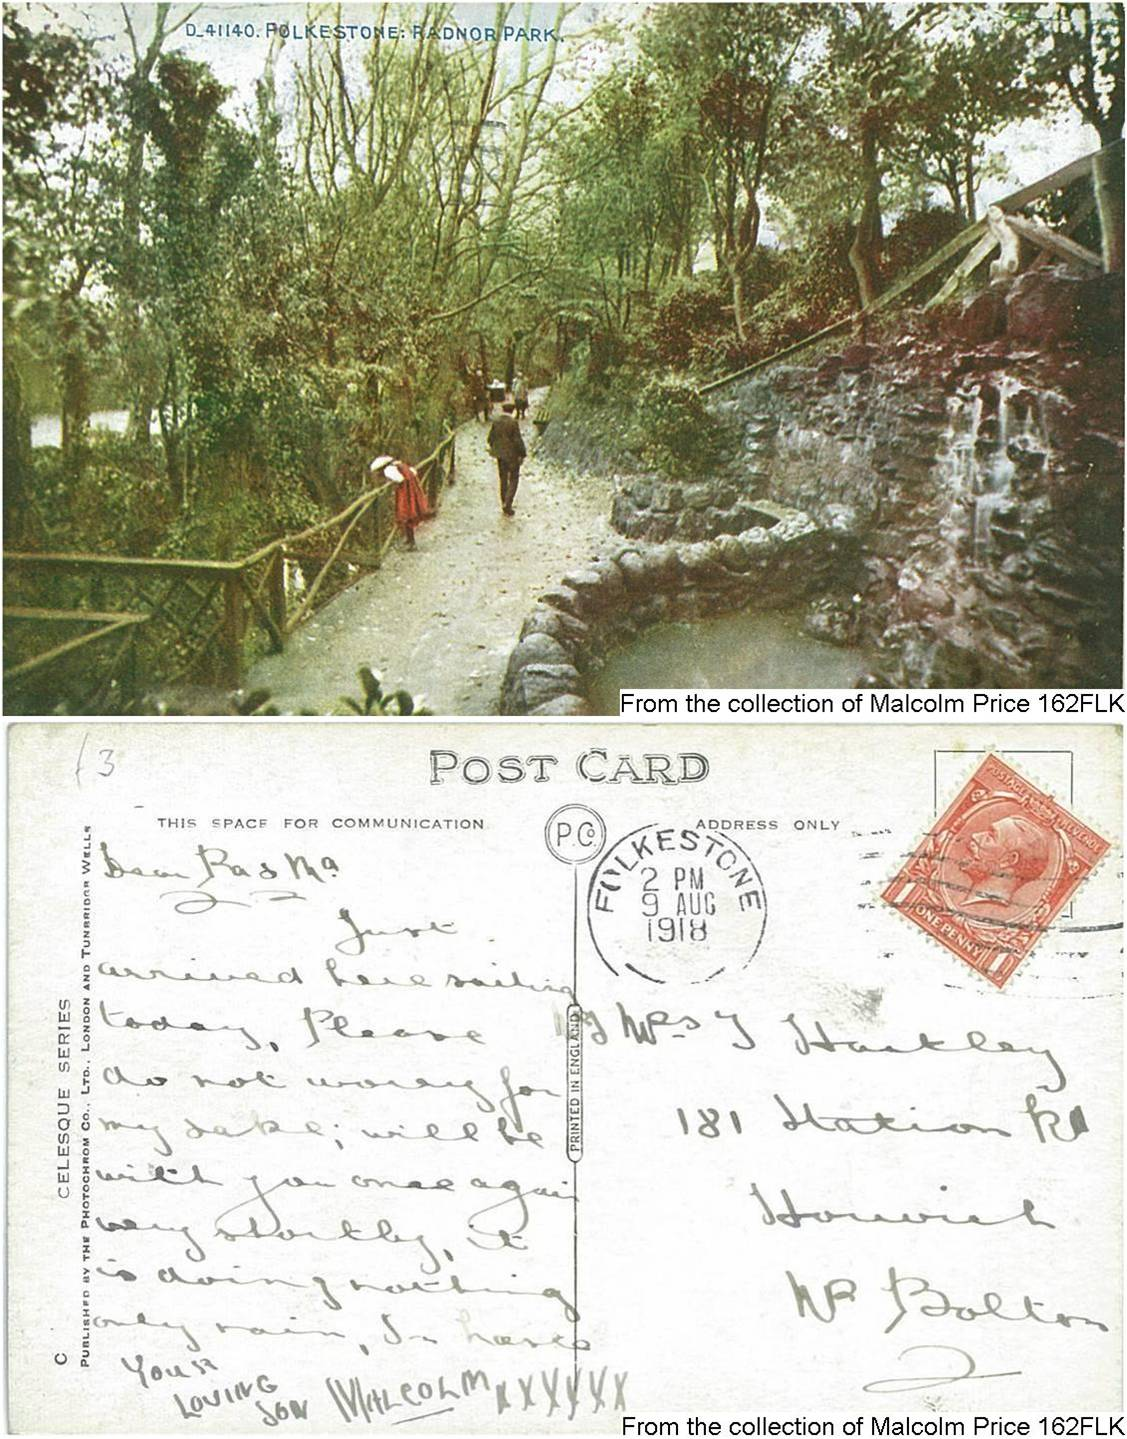 162FLK - Radnor Park (Postcard) (Front & Back)